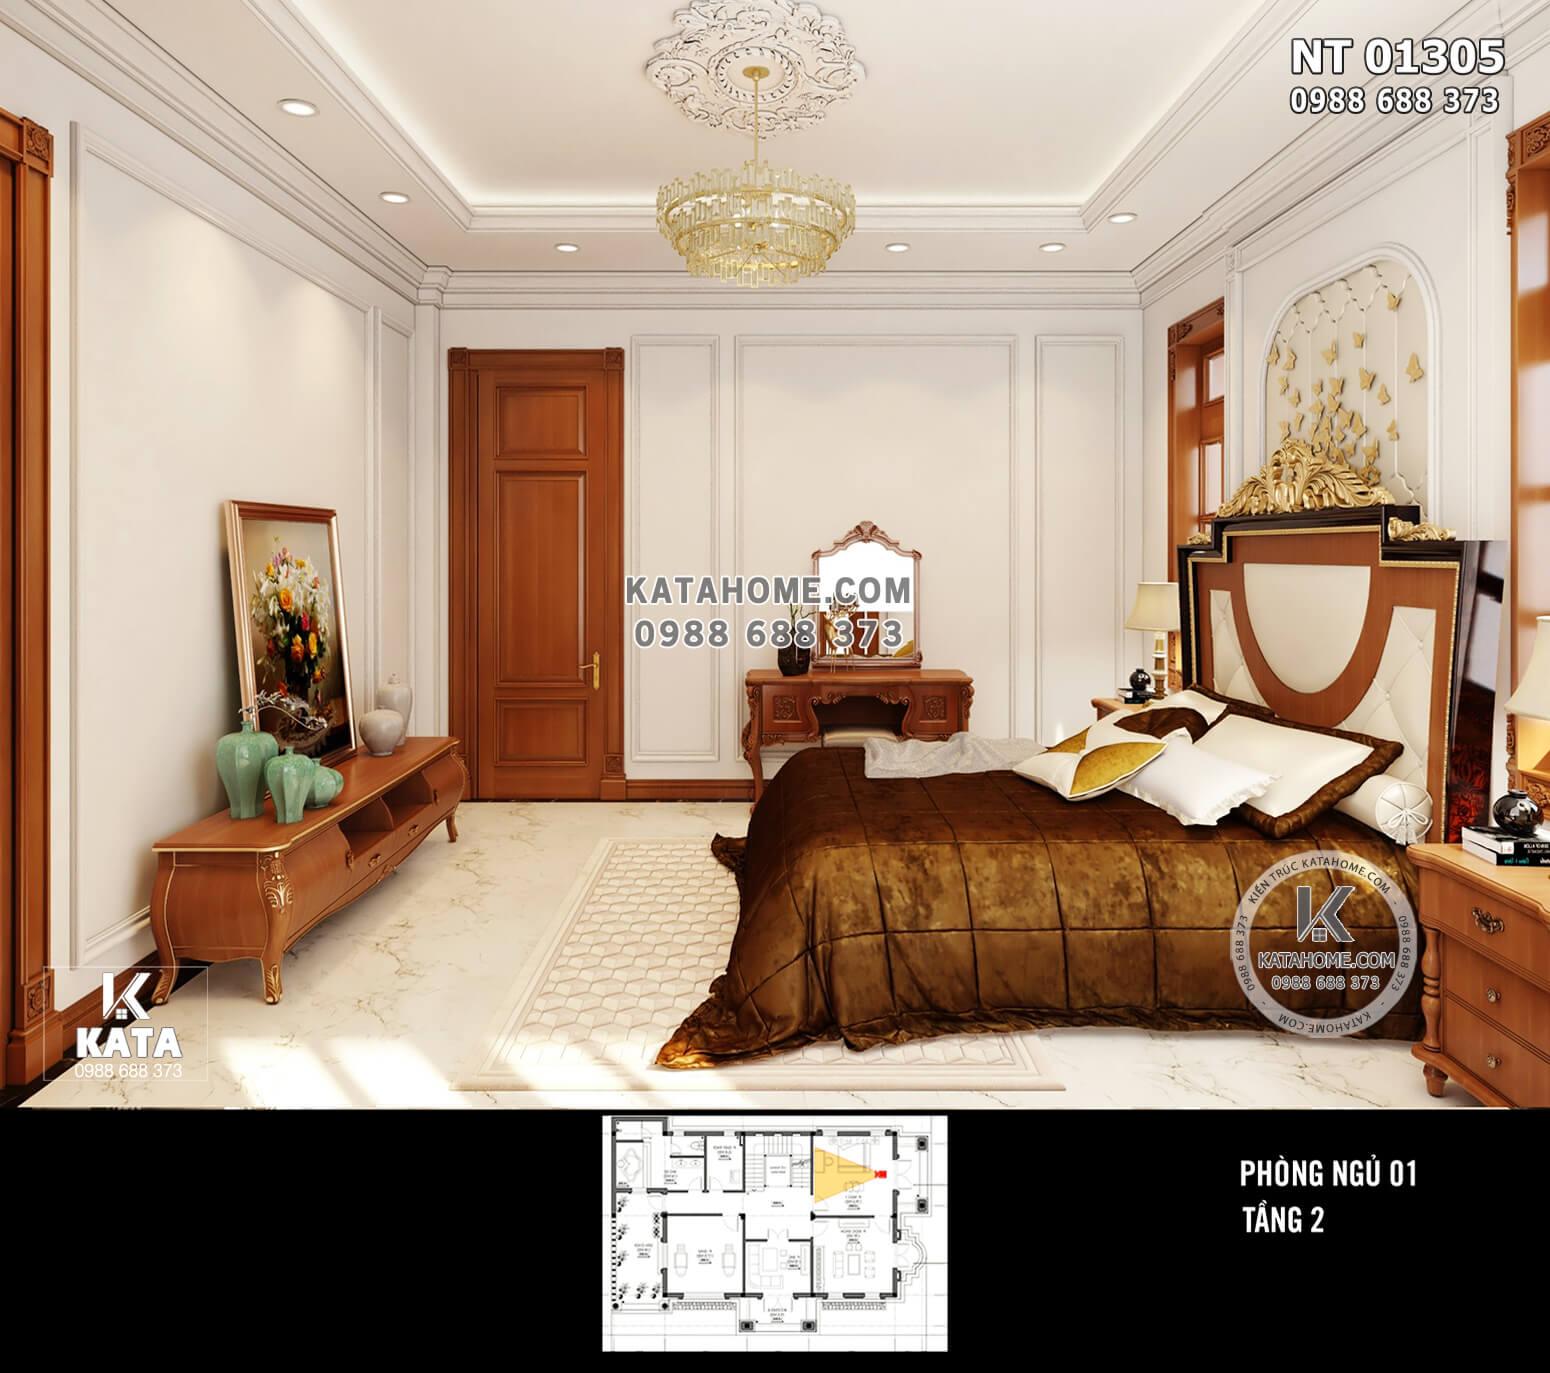 Hình ảnh: Không gian phòng ngủ được cấp đủ ảnh sáng nhờ hệ thống cửa sổ bằng kính khung gỗ